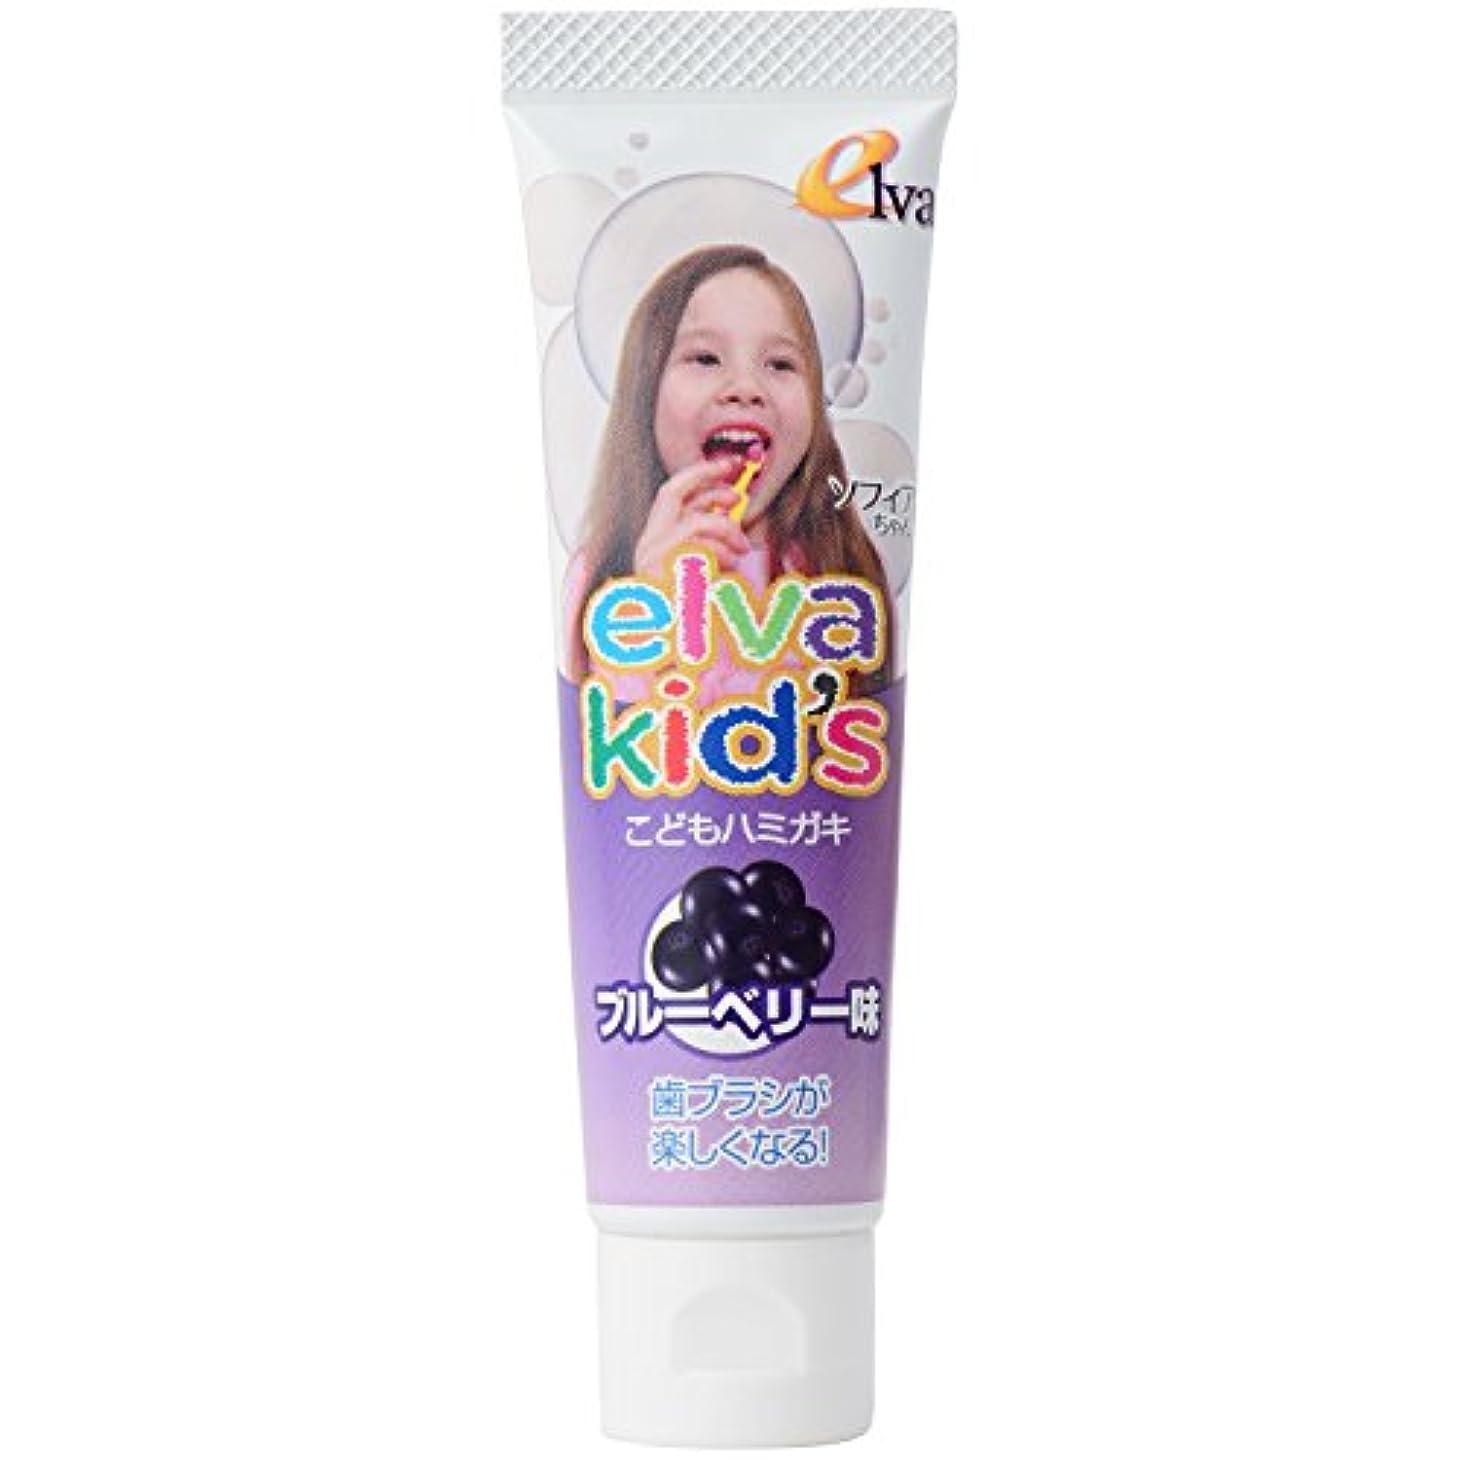 区別苗ハーブエルバキッズ お母さんも安心のこだわりの歯磨き粉 フッ素なし ブルーベリー味 2個セット